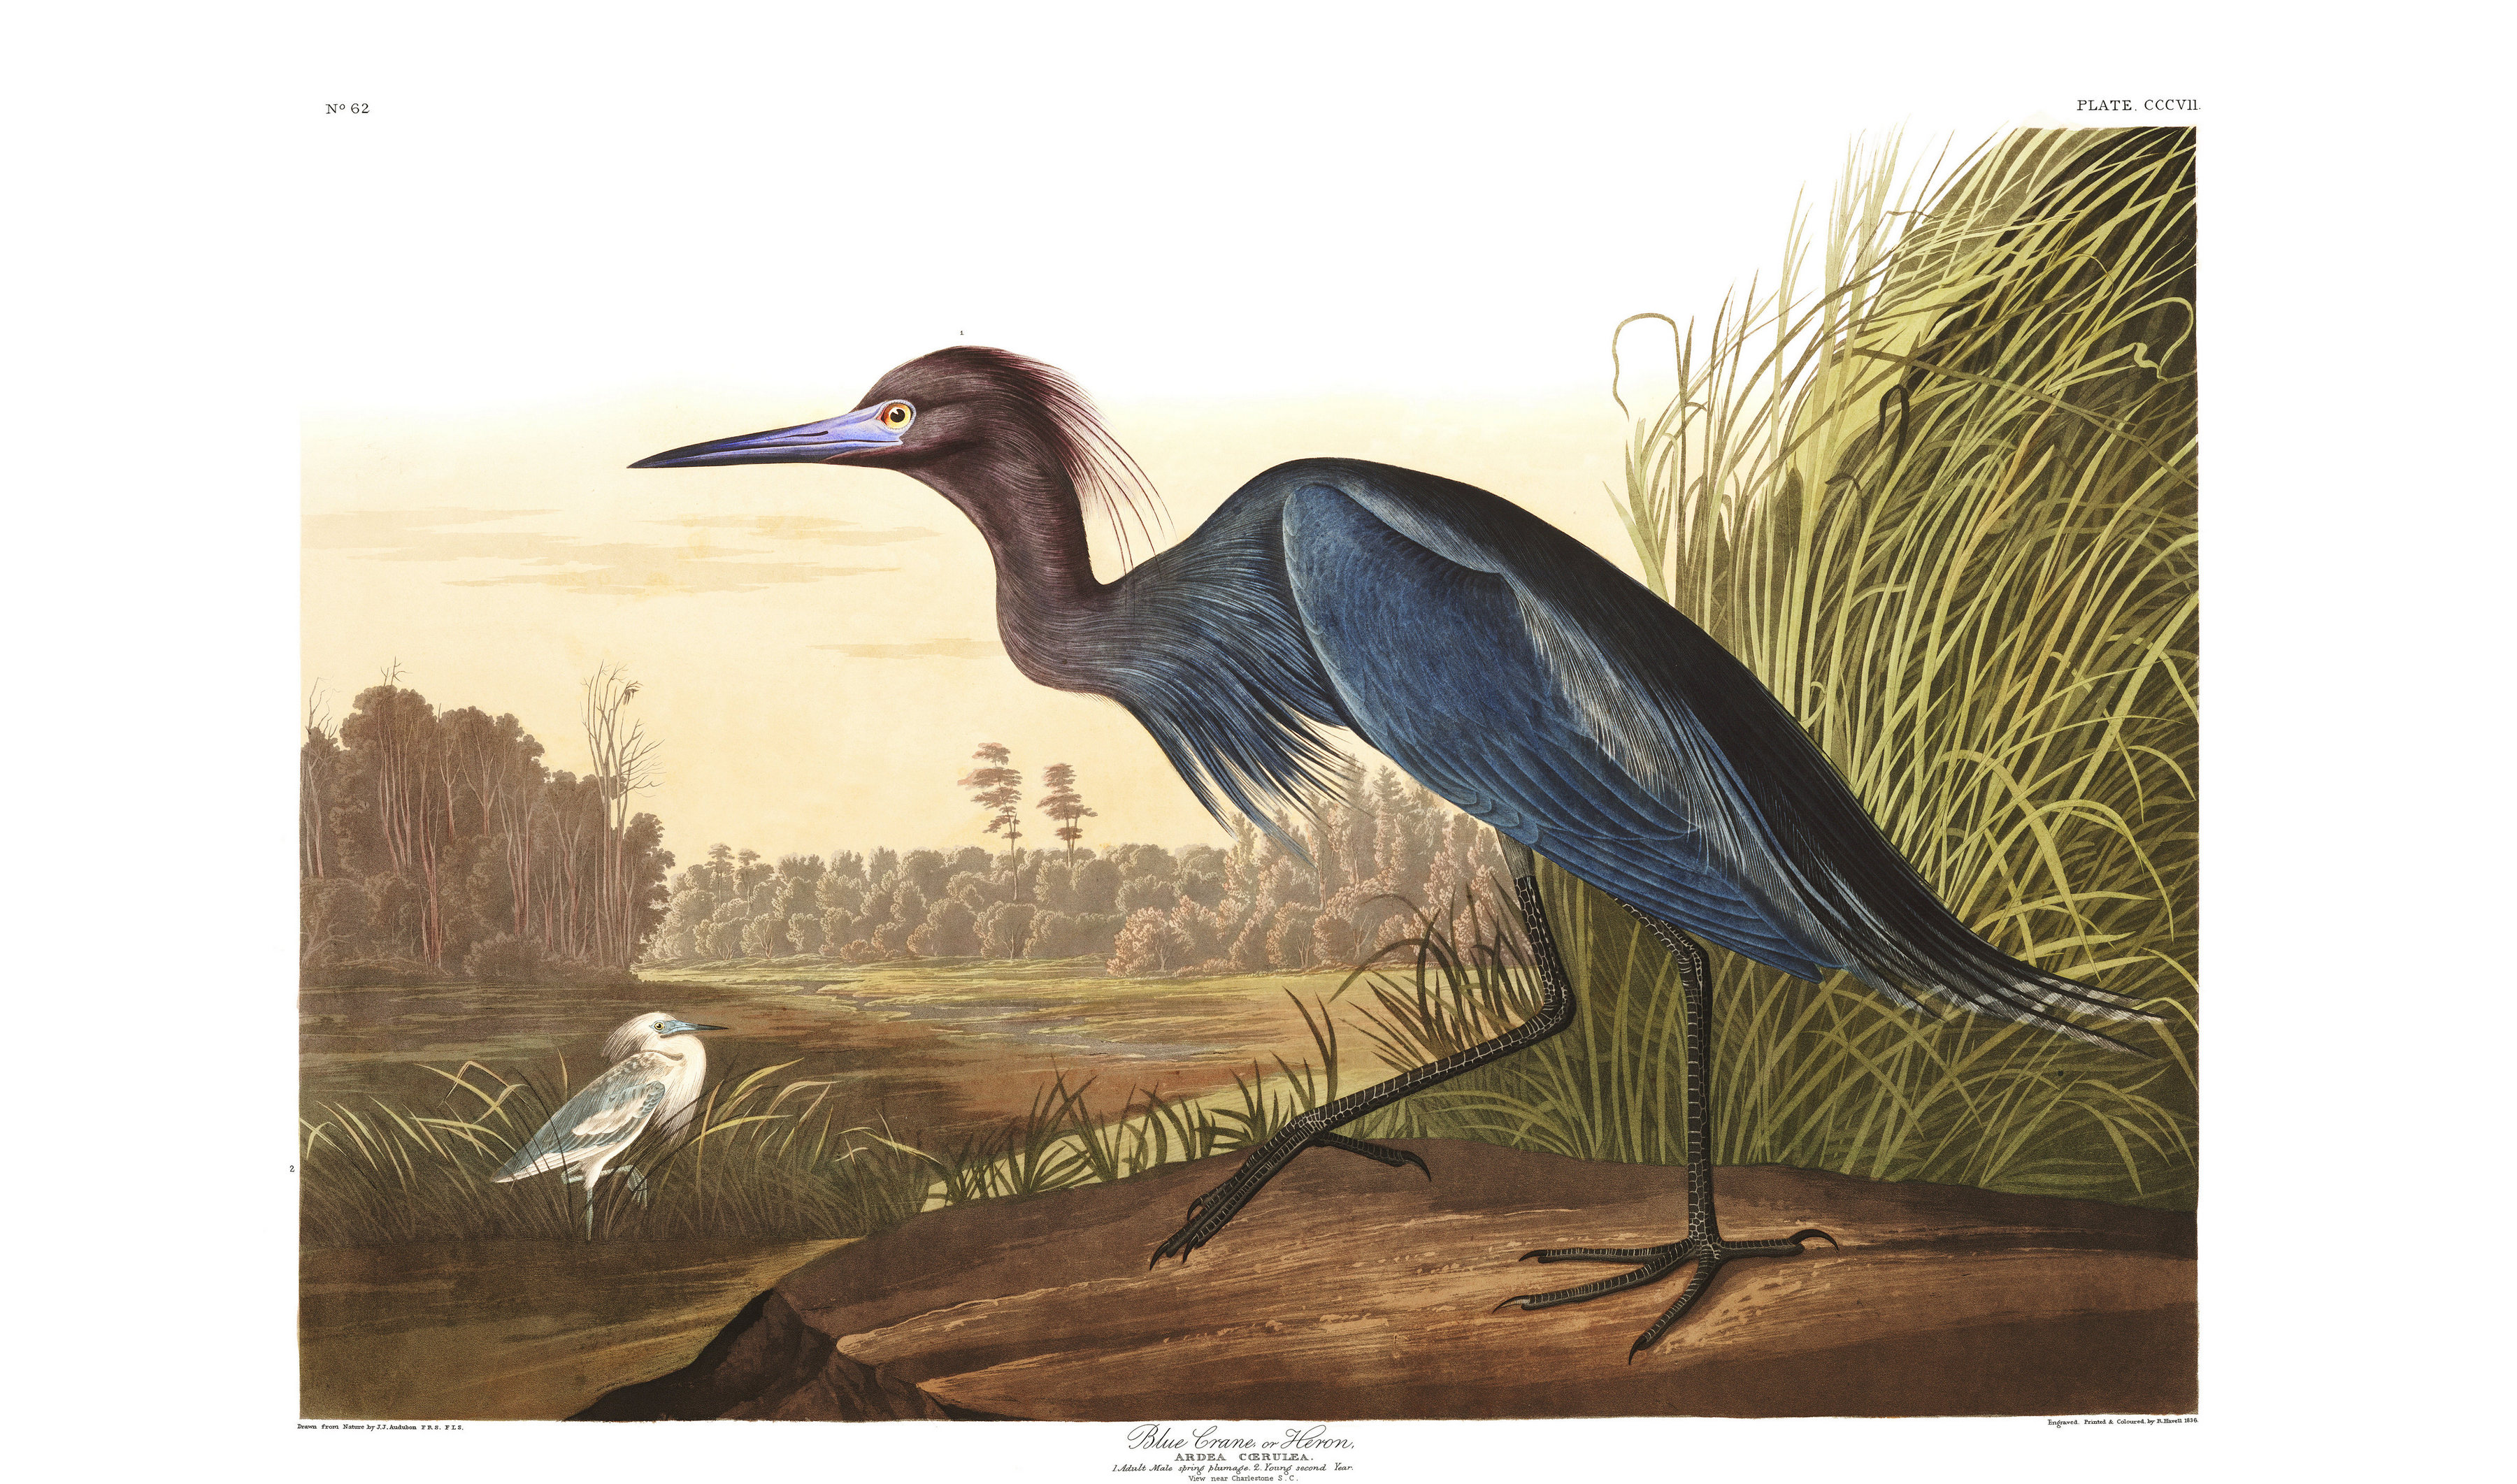 Audubon oiseau amerique 14 la boite verte - Ciment romain composition ...